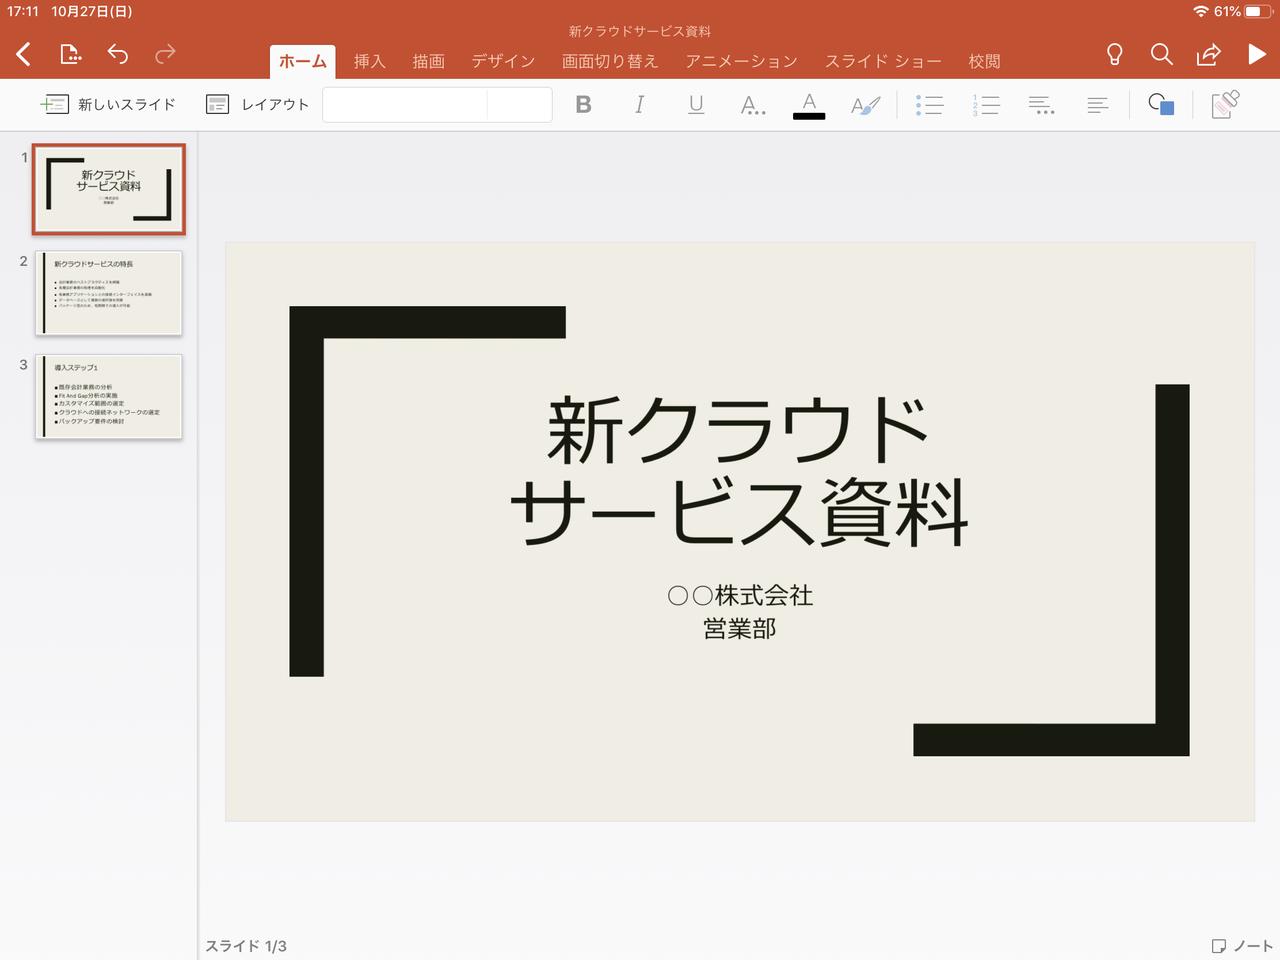 モバイル版PowerPointのメイン画面。基本的なレイアウトはデスクトップ版と同様だが、アウトライン表示や、スライド一覧の表示には非対応